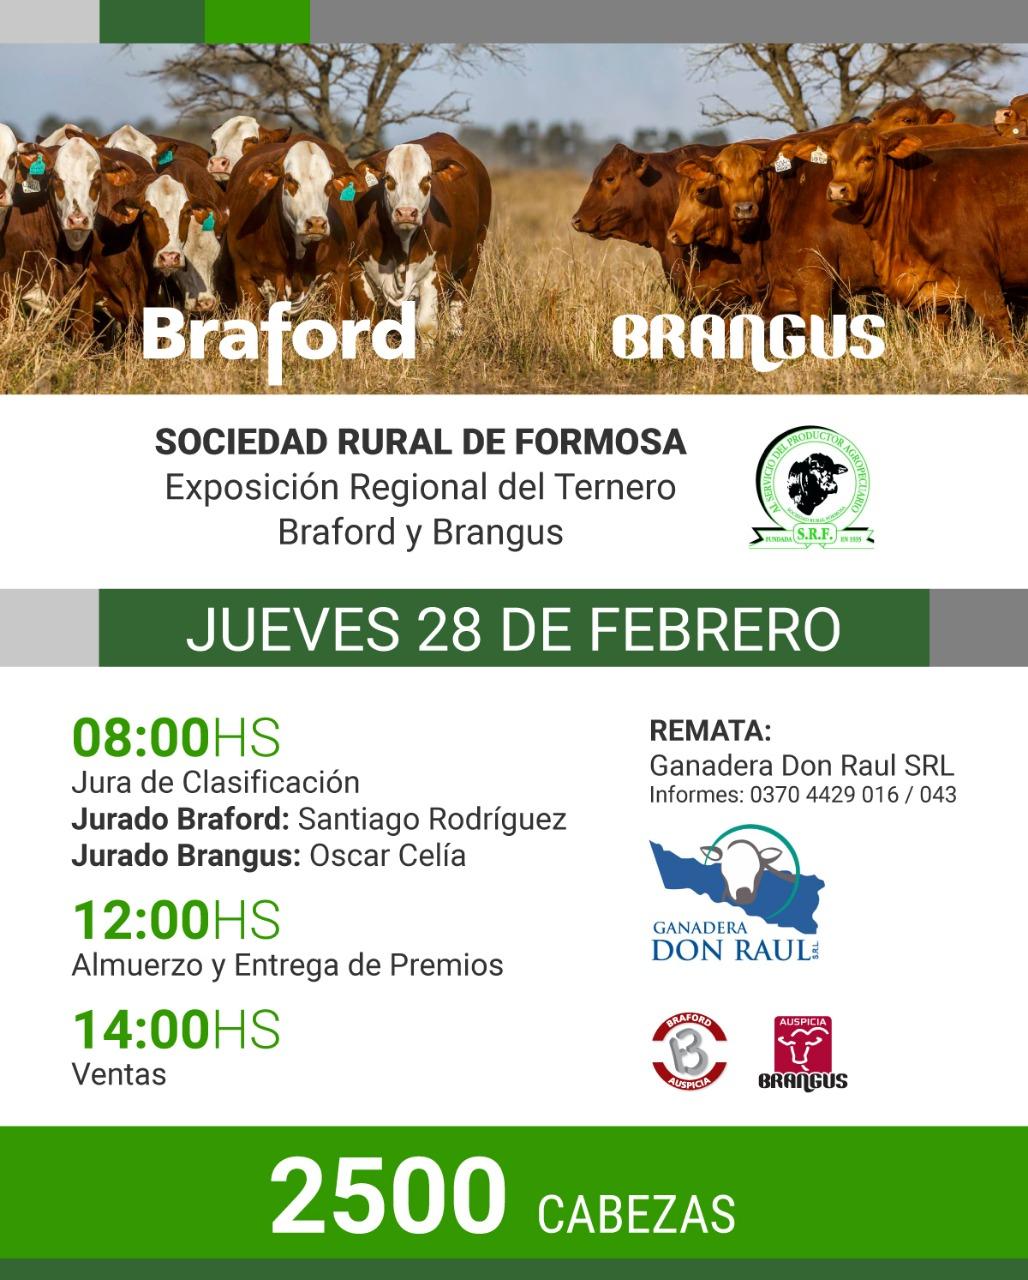 EXPO. REGIONAL DEL TERNERO